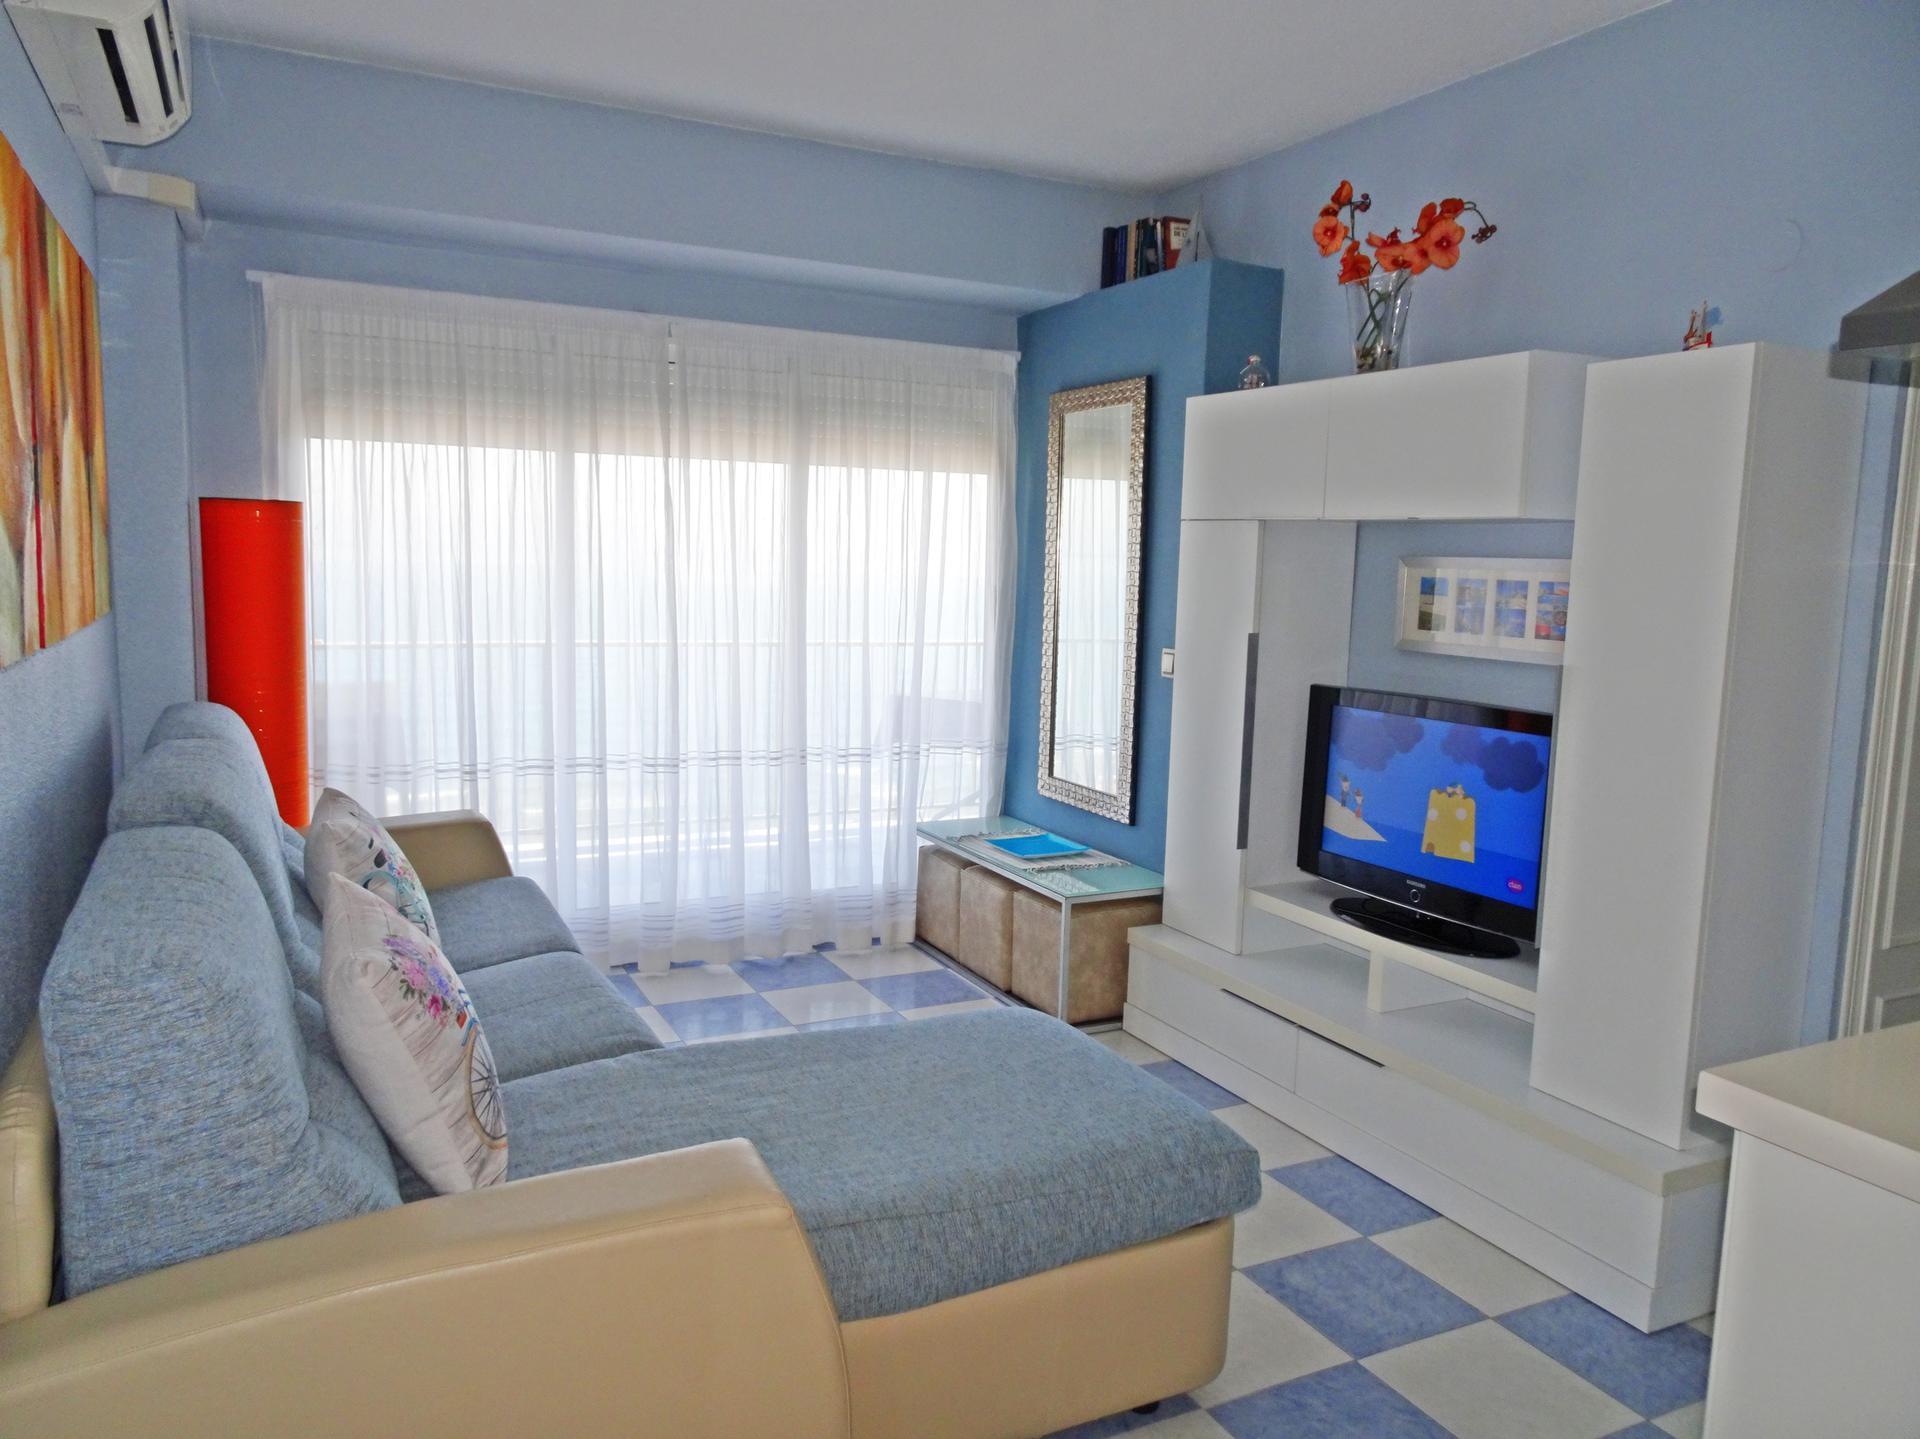 Apartamento -                                       Gandia -                                       2 dormitorios -                                       4 ocupantes